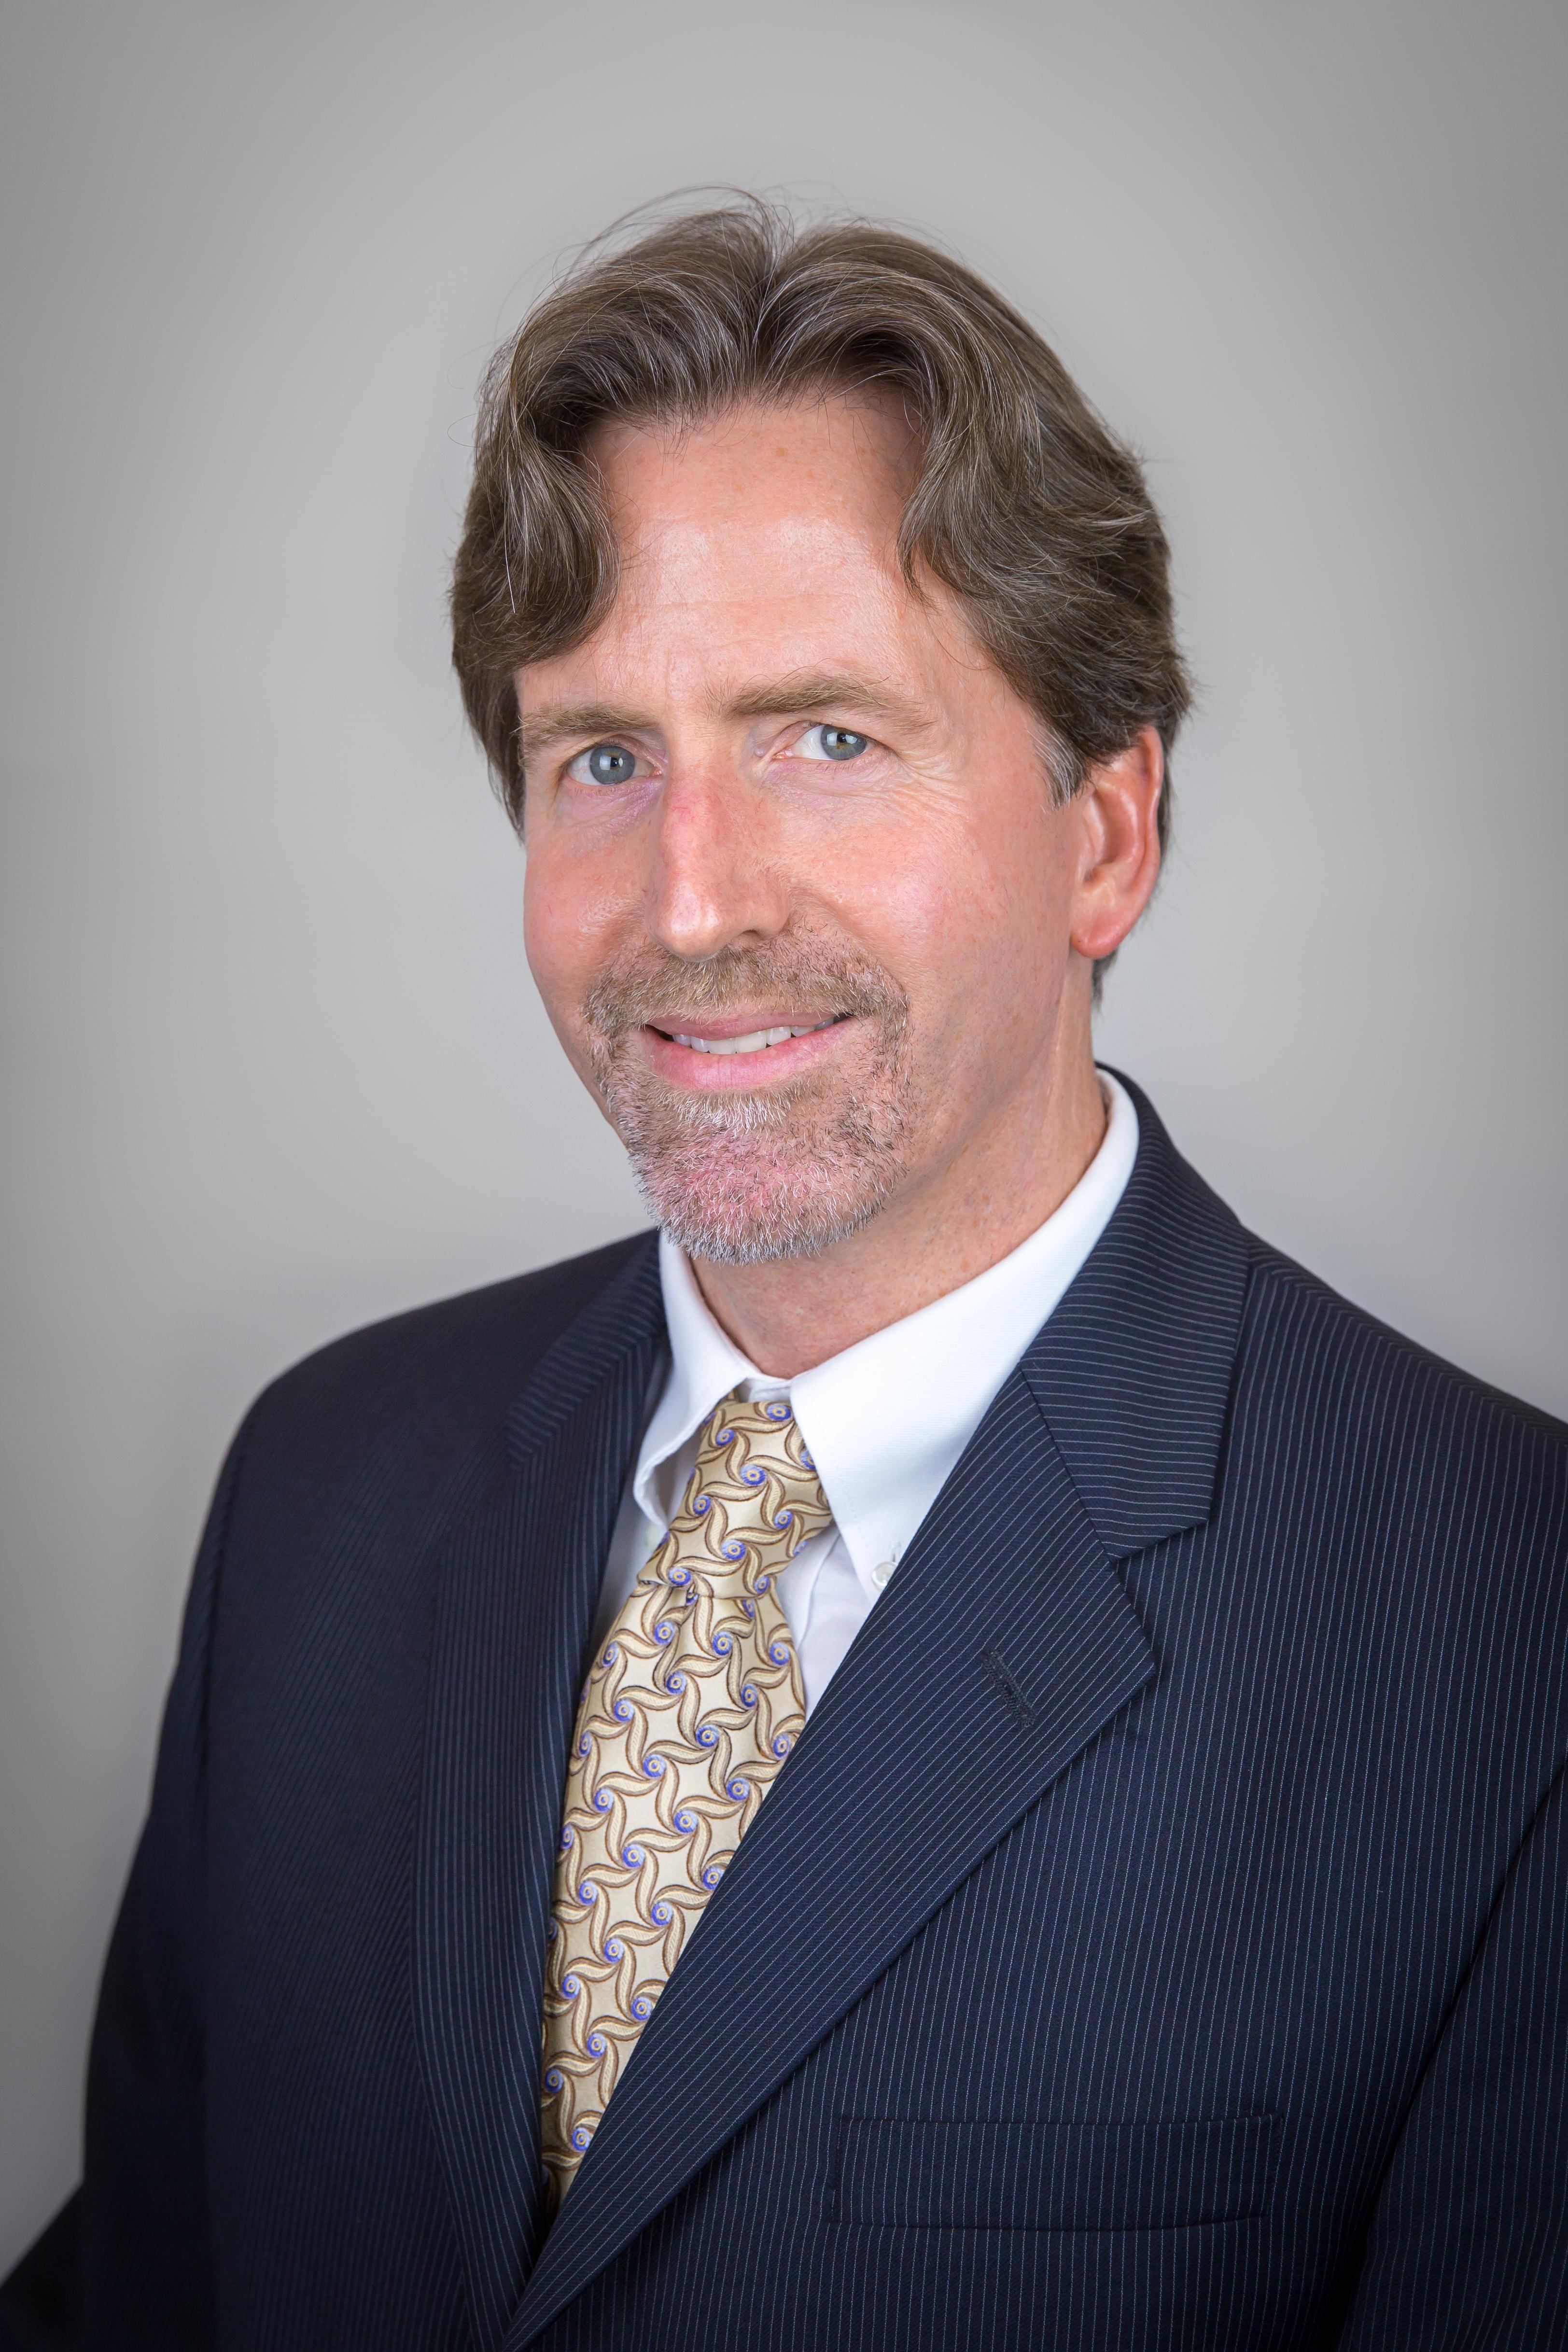 Kirk Ellison